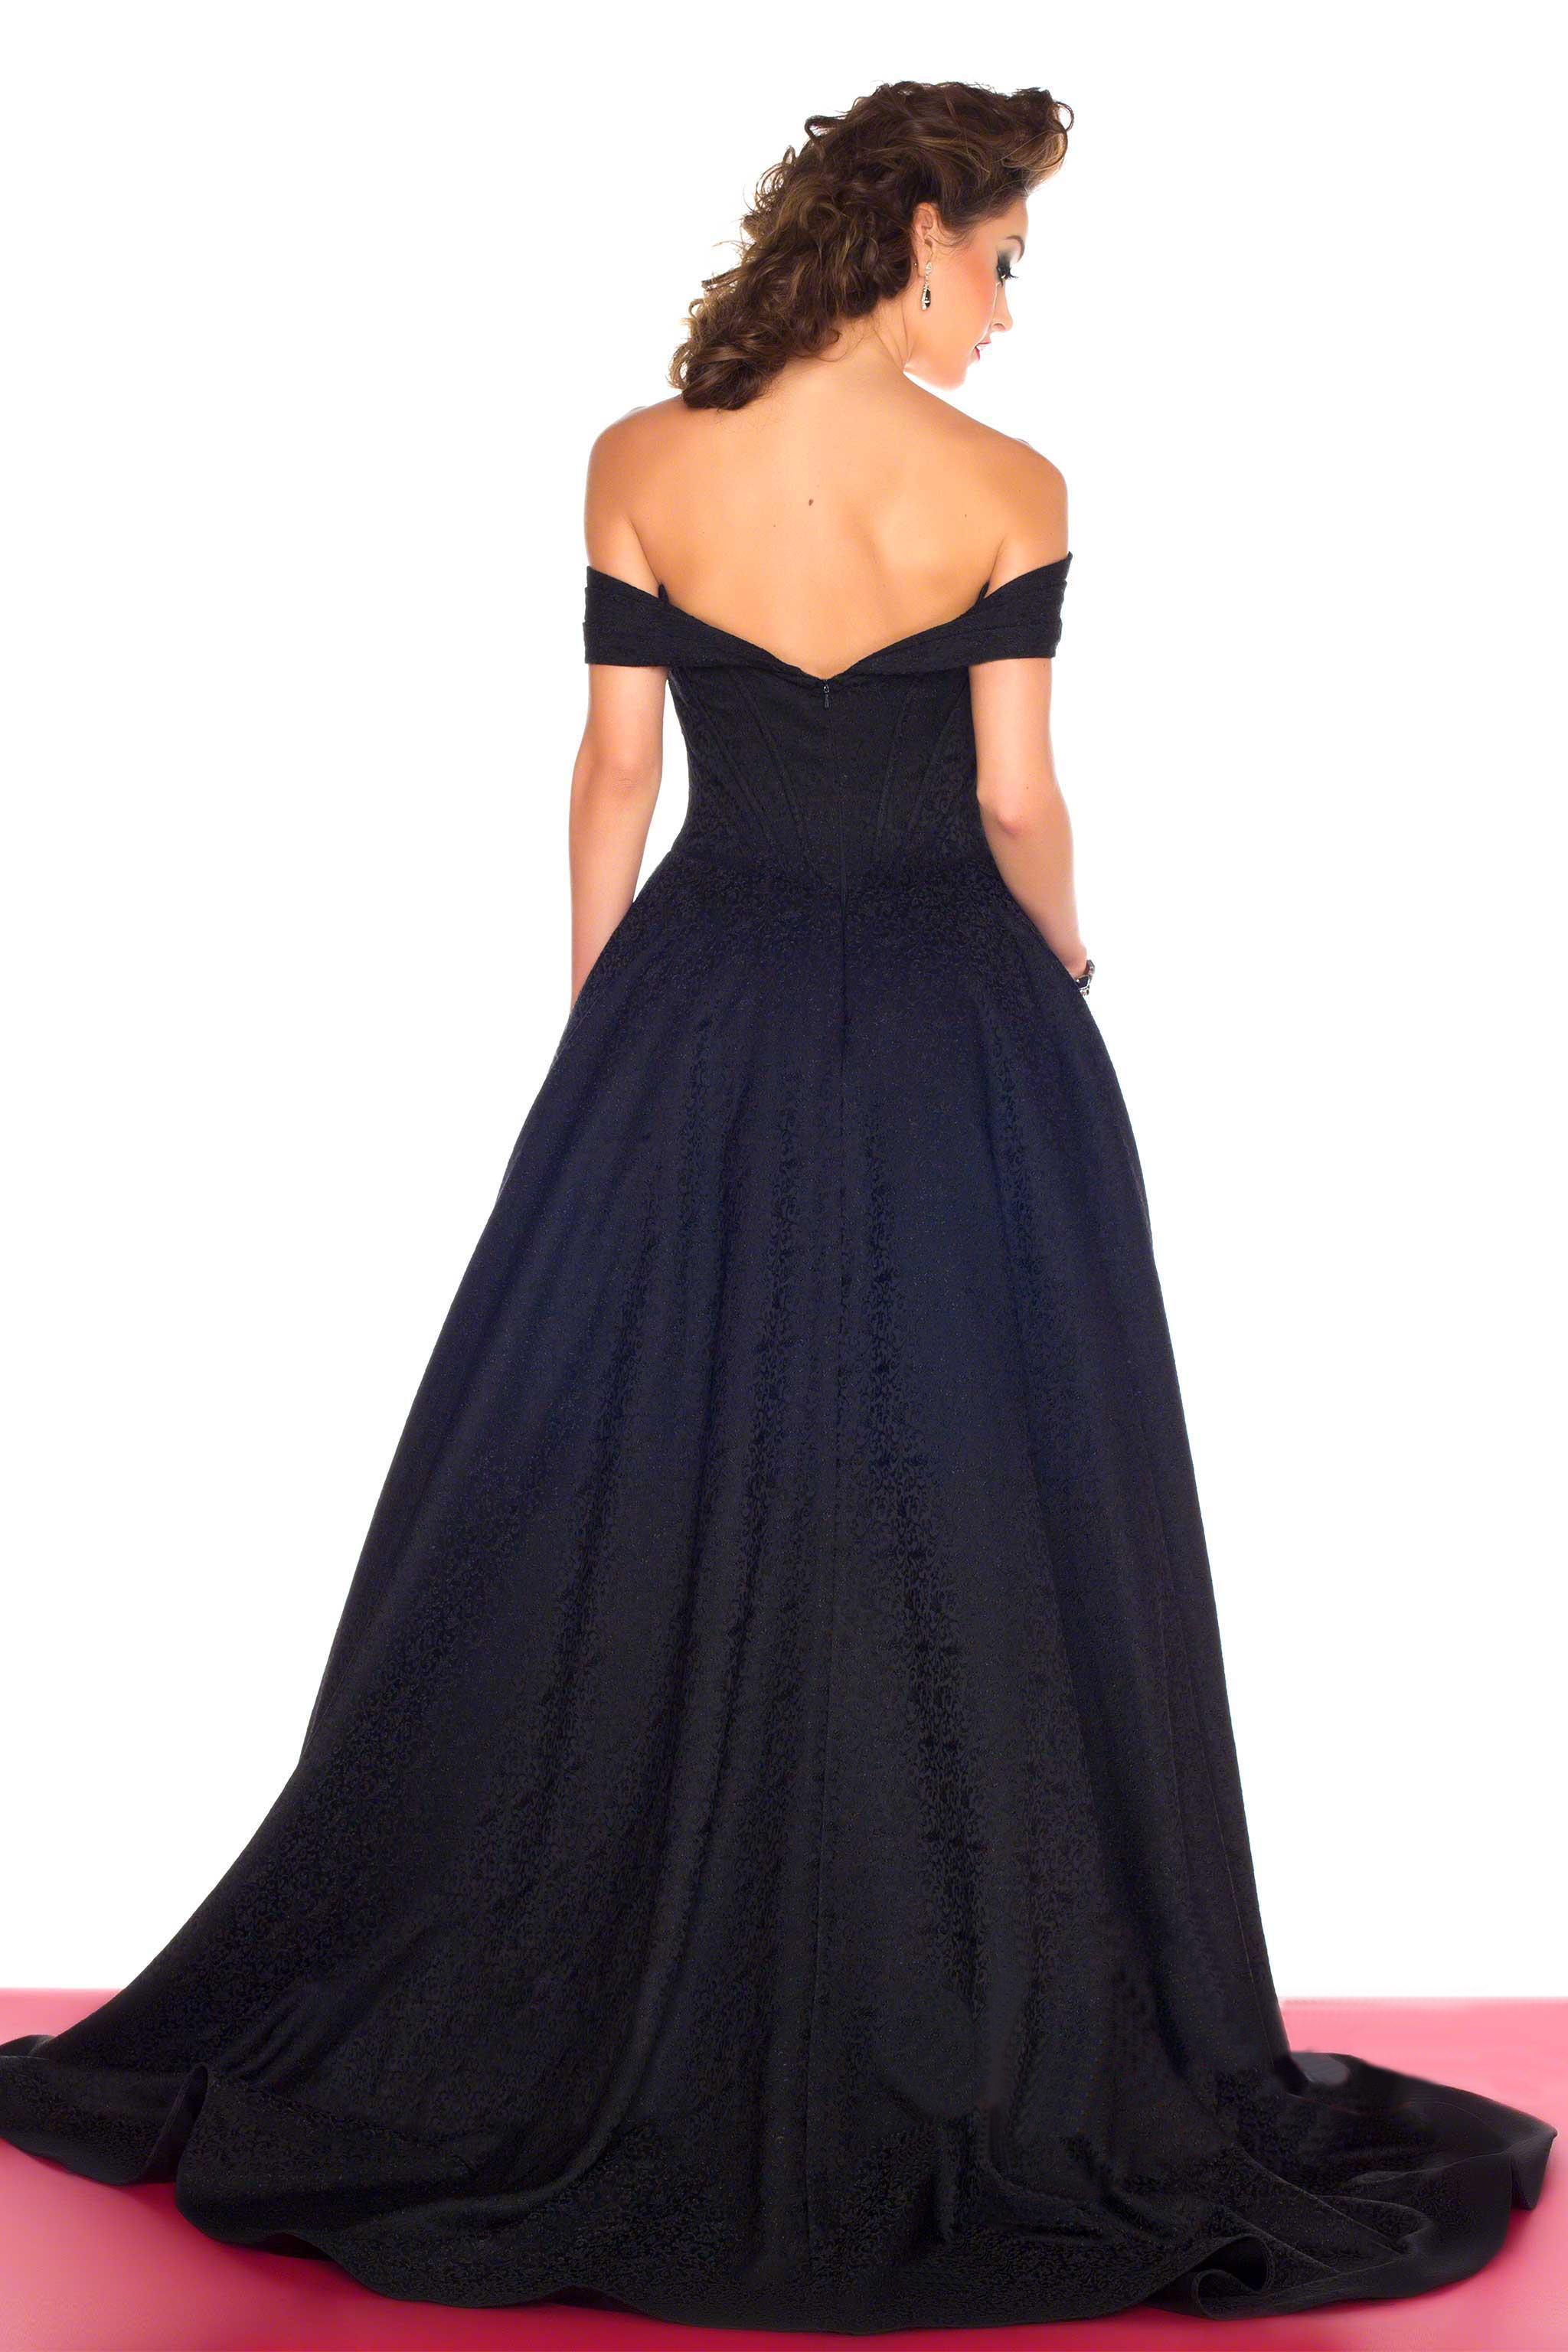 Envío gratis 2014 nueva llegada azul marino oscuro alta baja cariño A-line corte tren frente corto largo espalda vestidos de noche vestido de fiesta personalizado